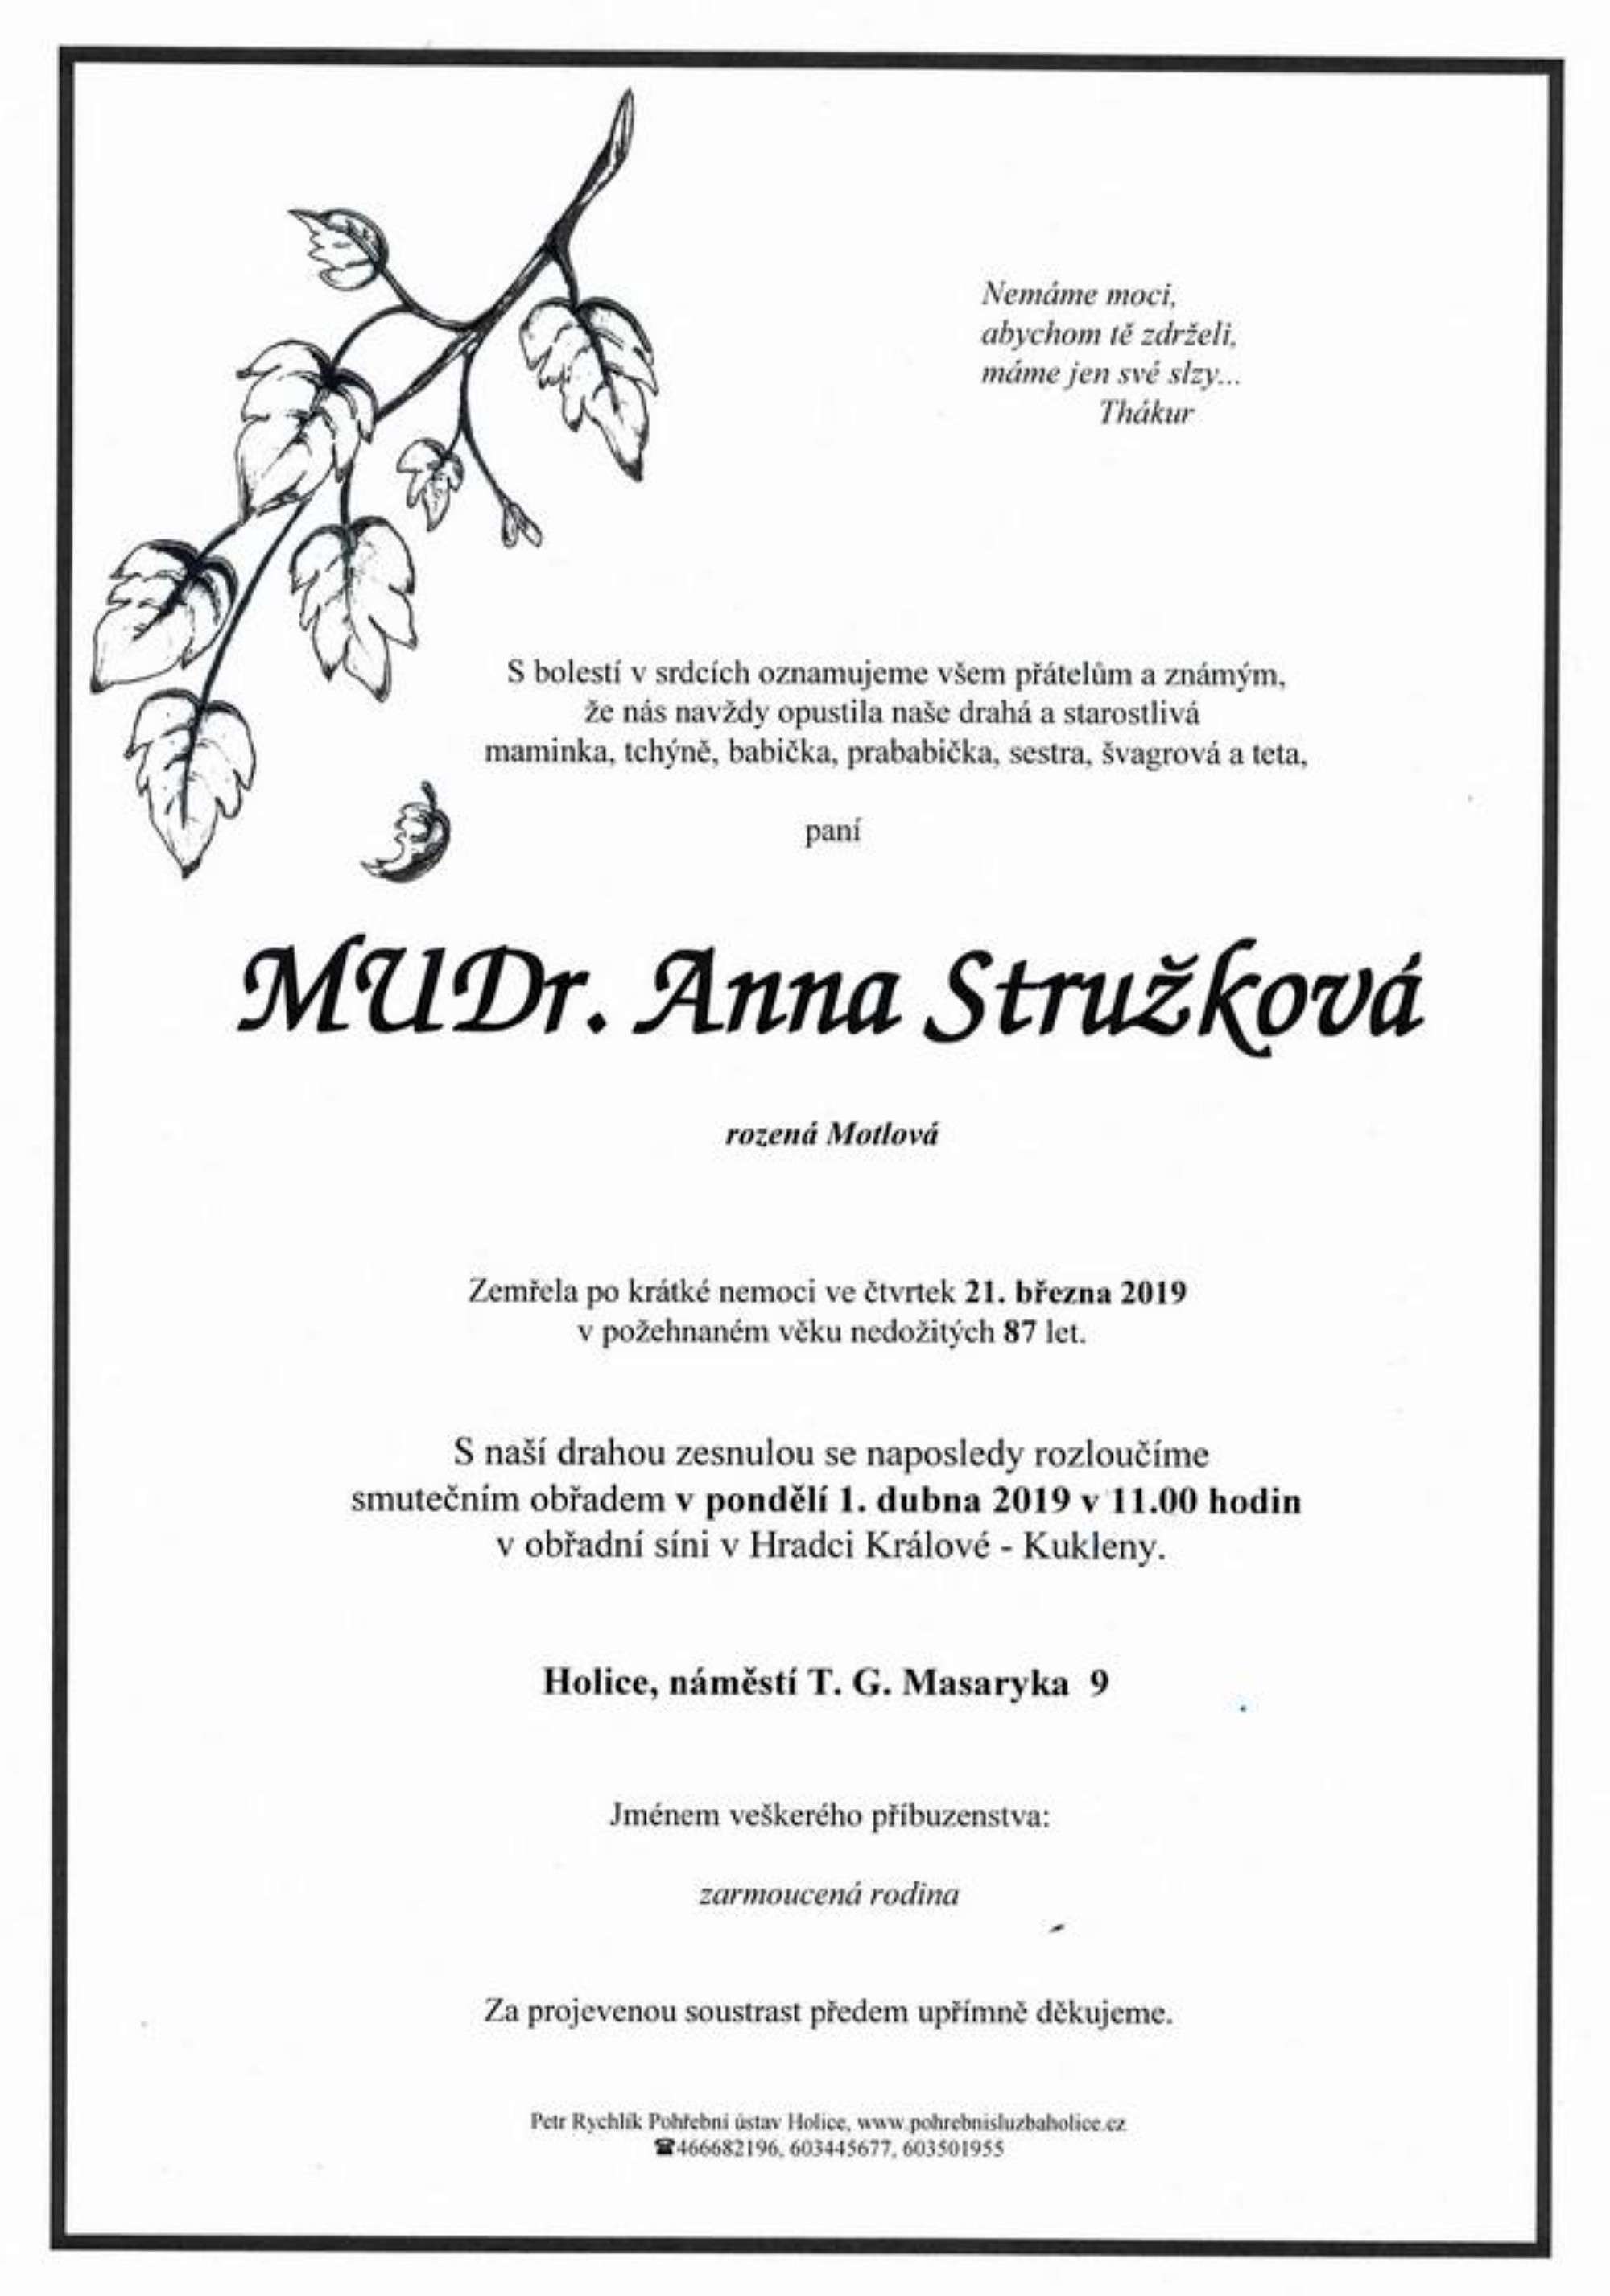 MUDr. Anna Stružková